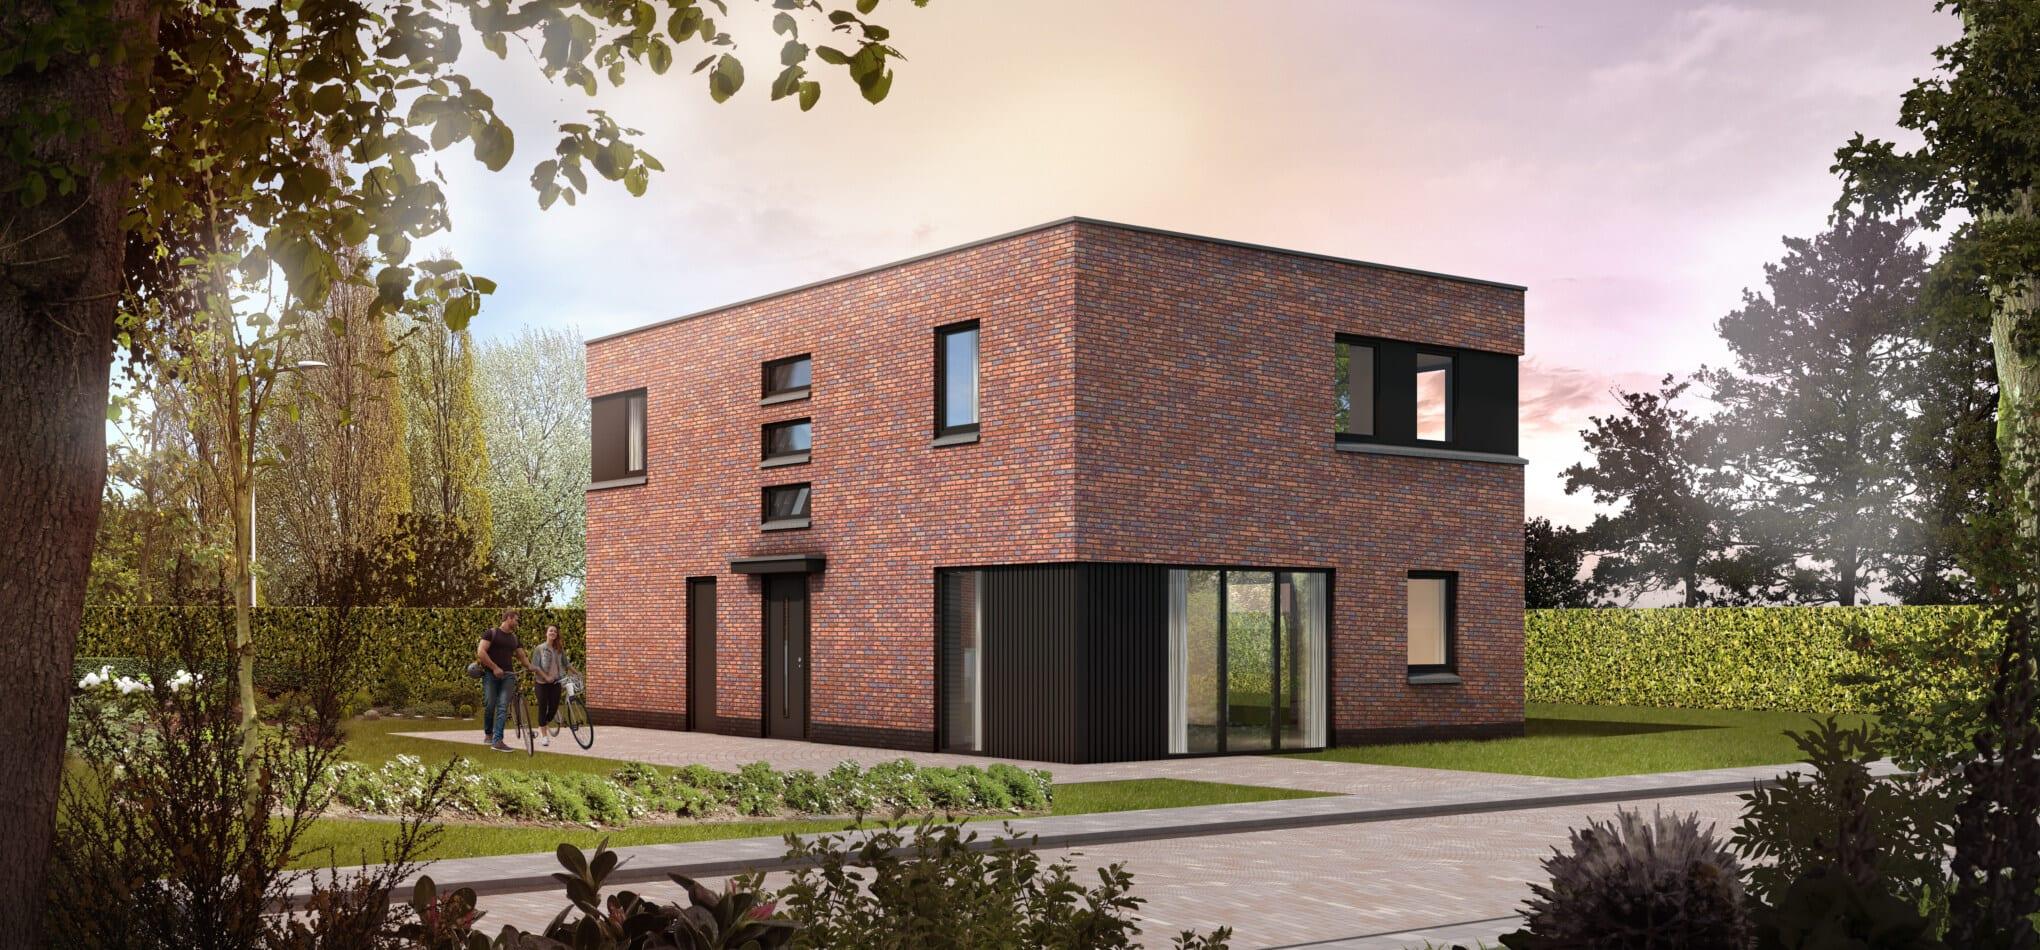 Hedendaags modern (plat dak)